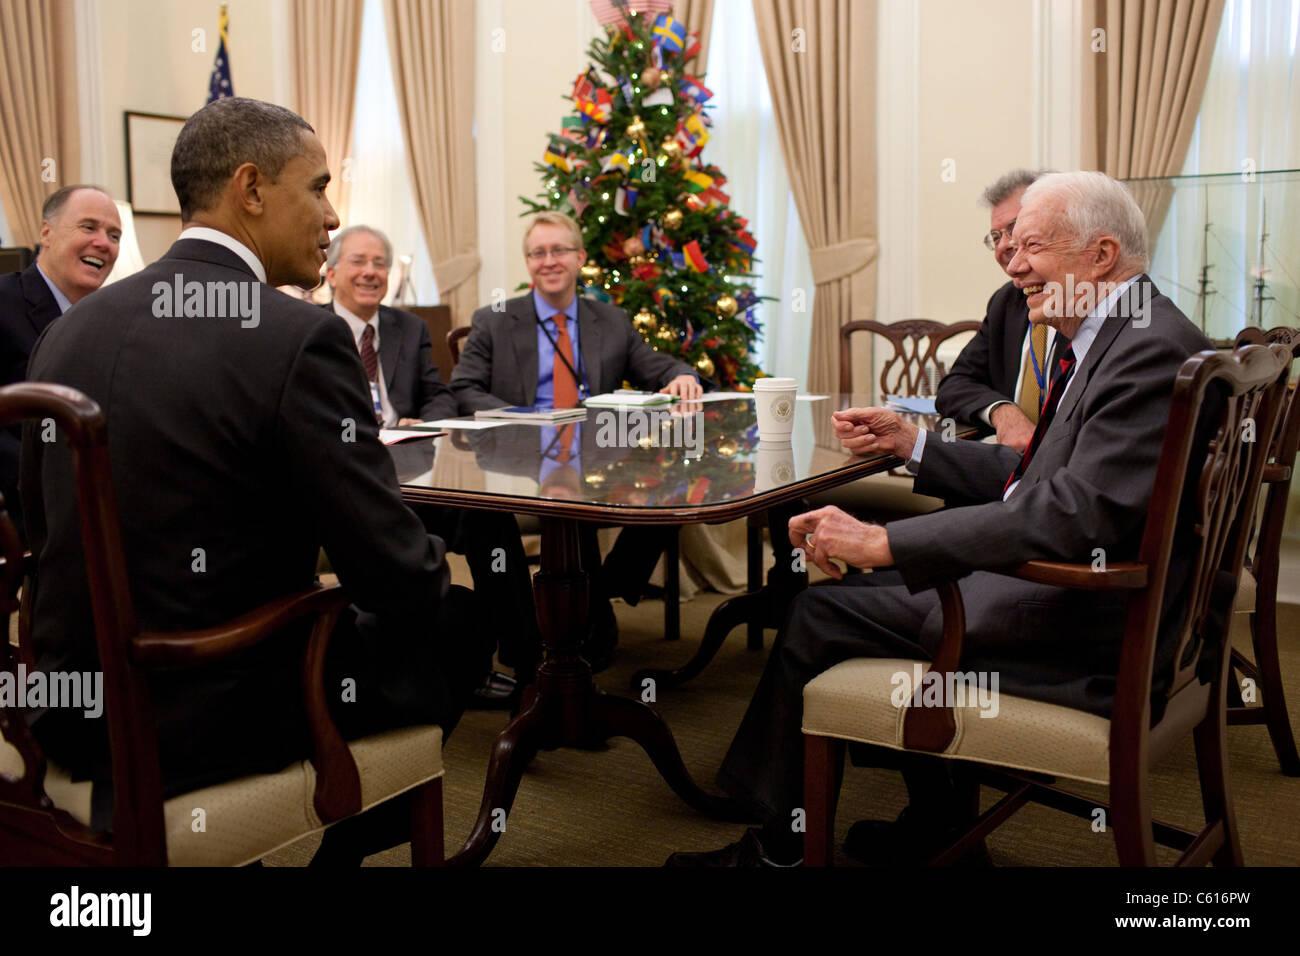 Präsident Obama Gespräche mit ehemaligen Präsidenten Jimmy Carter während eines Treffens mit Stockbild